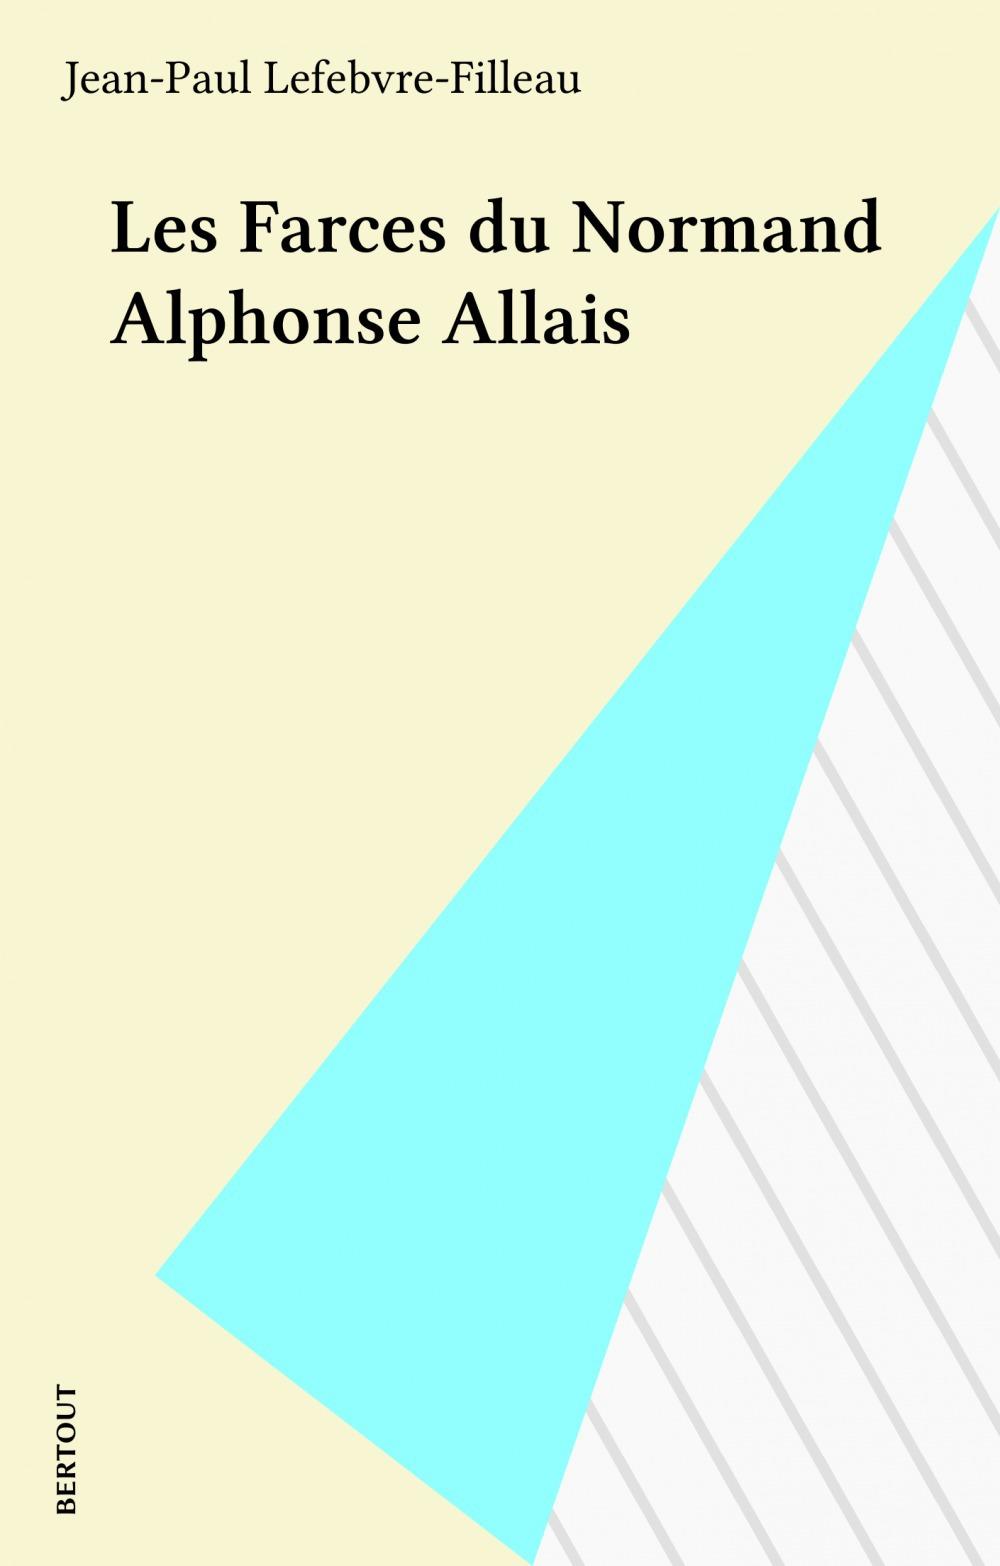 Les Farces du Normand Alphonse Allais